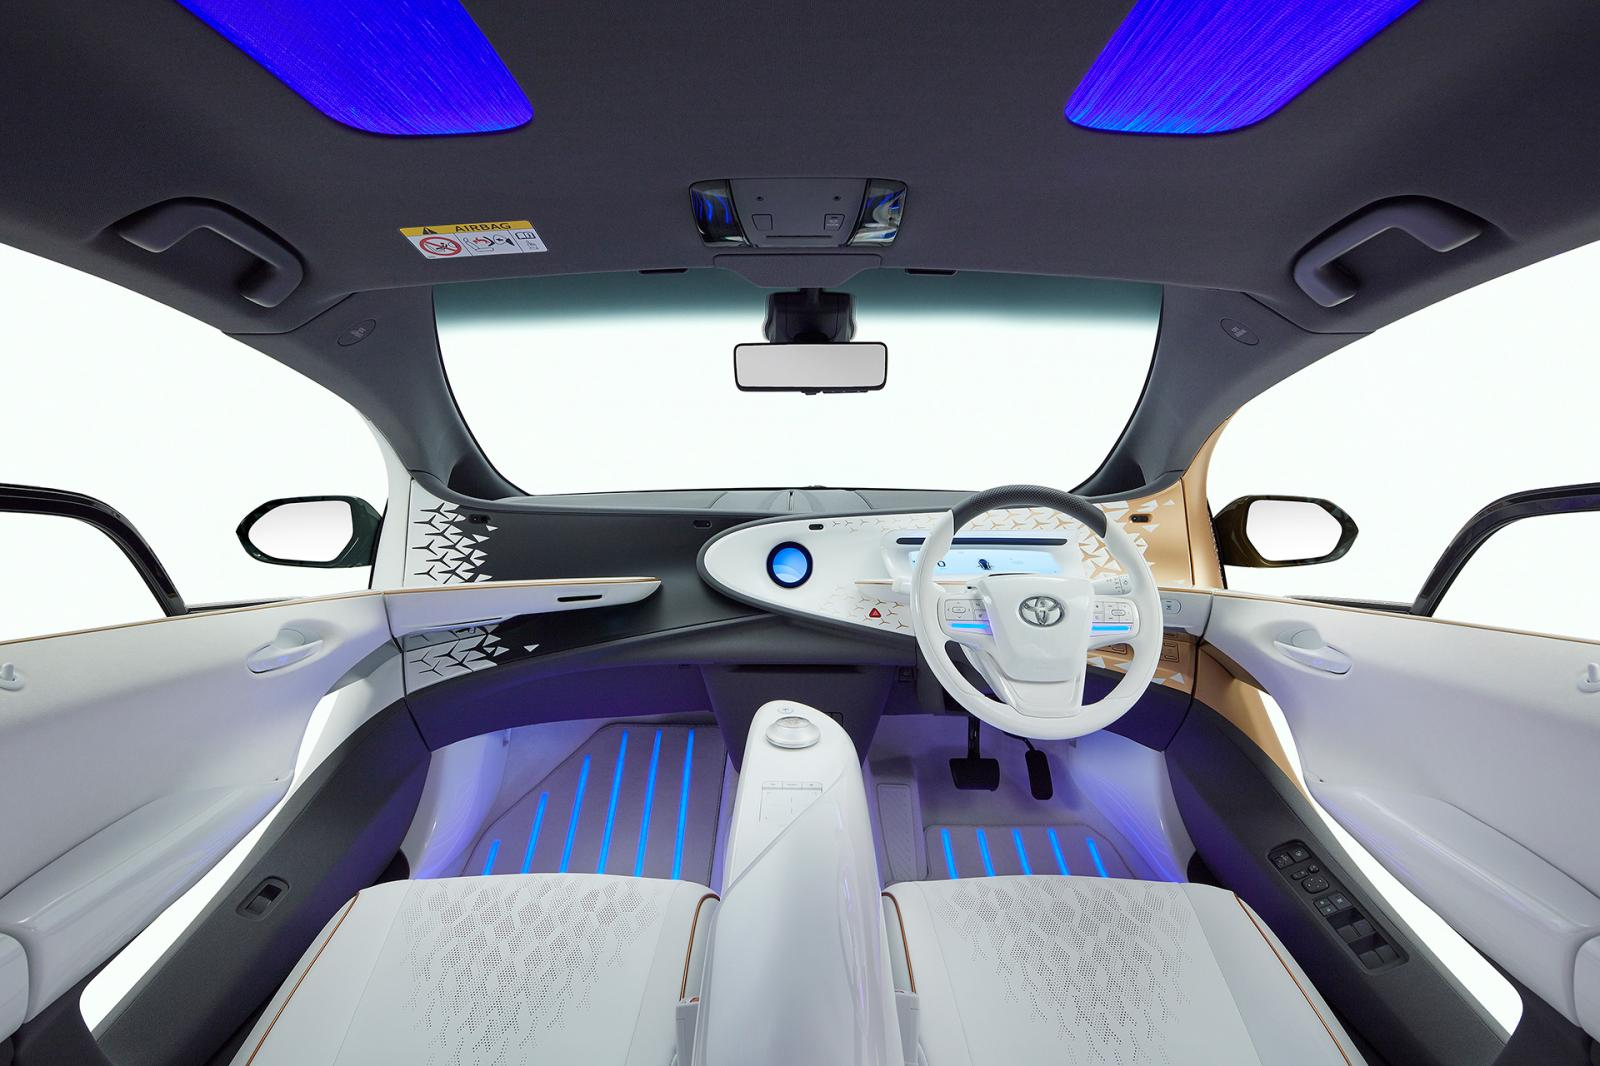 Toyota ha mostrado su idea de electrificación a futuro con el Toyota LQ